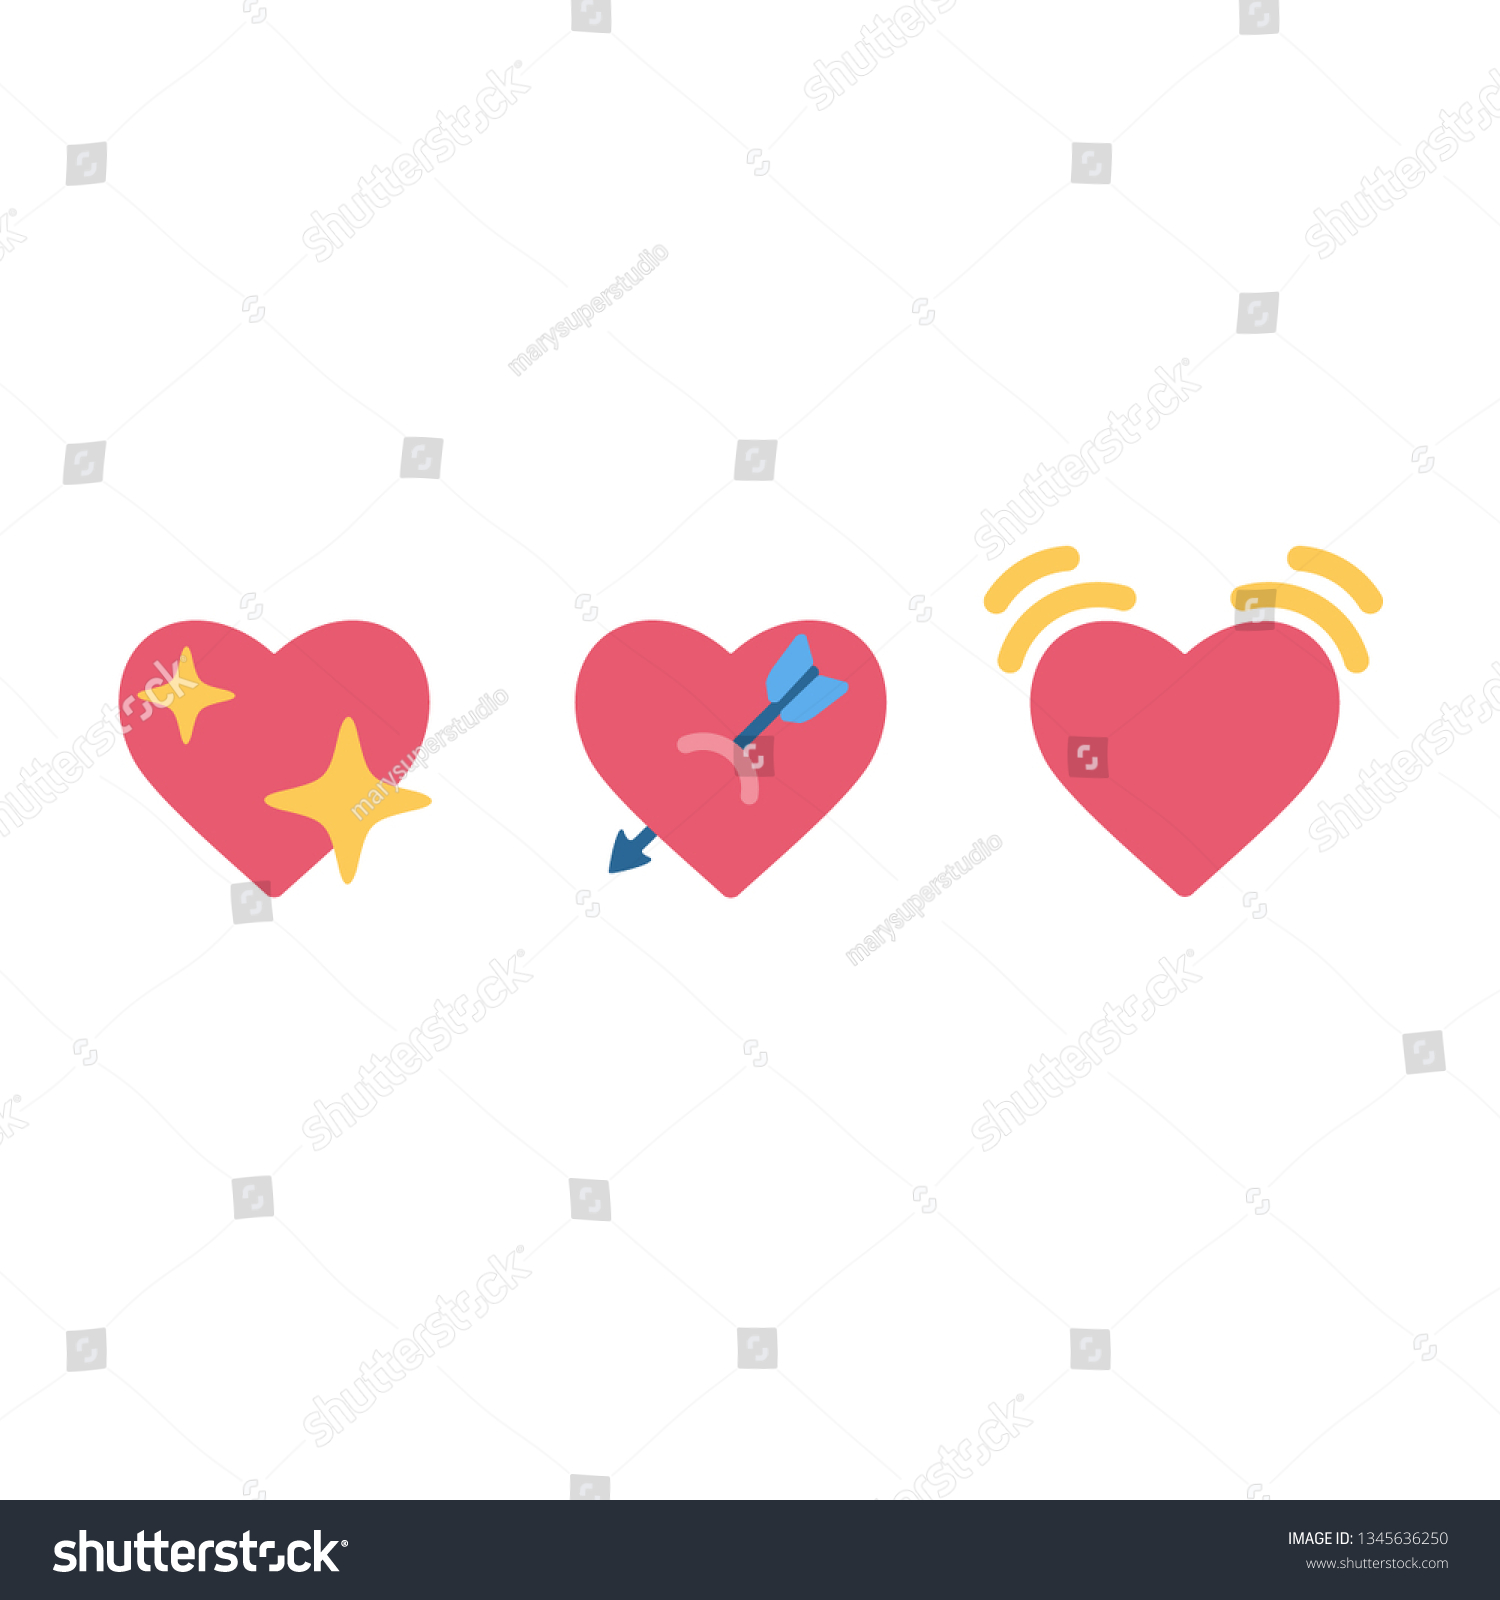 Image Vectorielle De Stock De Icone Iphone Scintillant Coeur Emoji Signe 1345636250